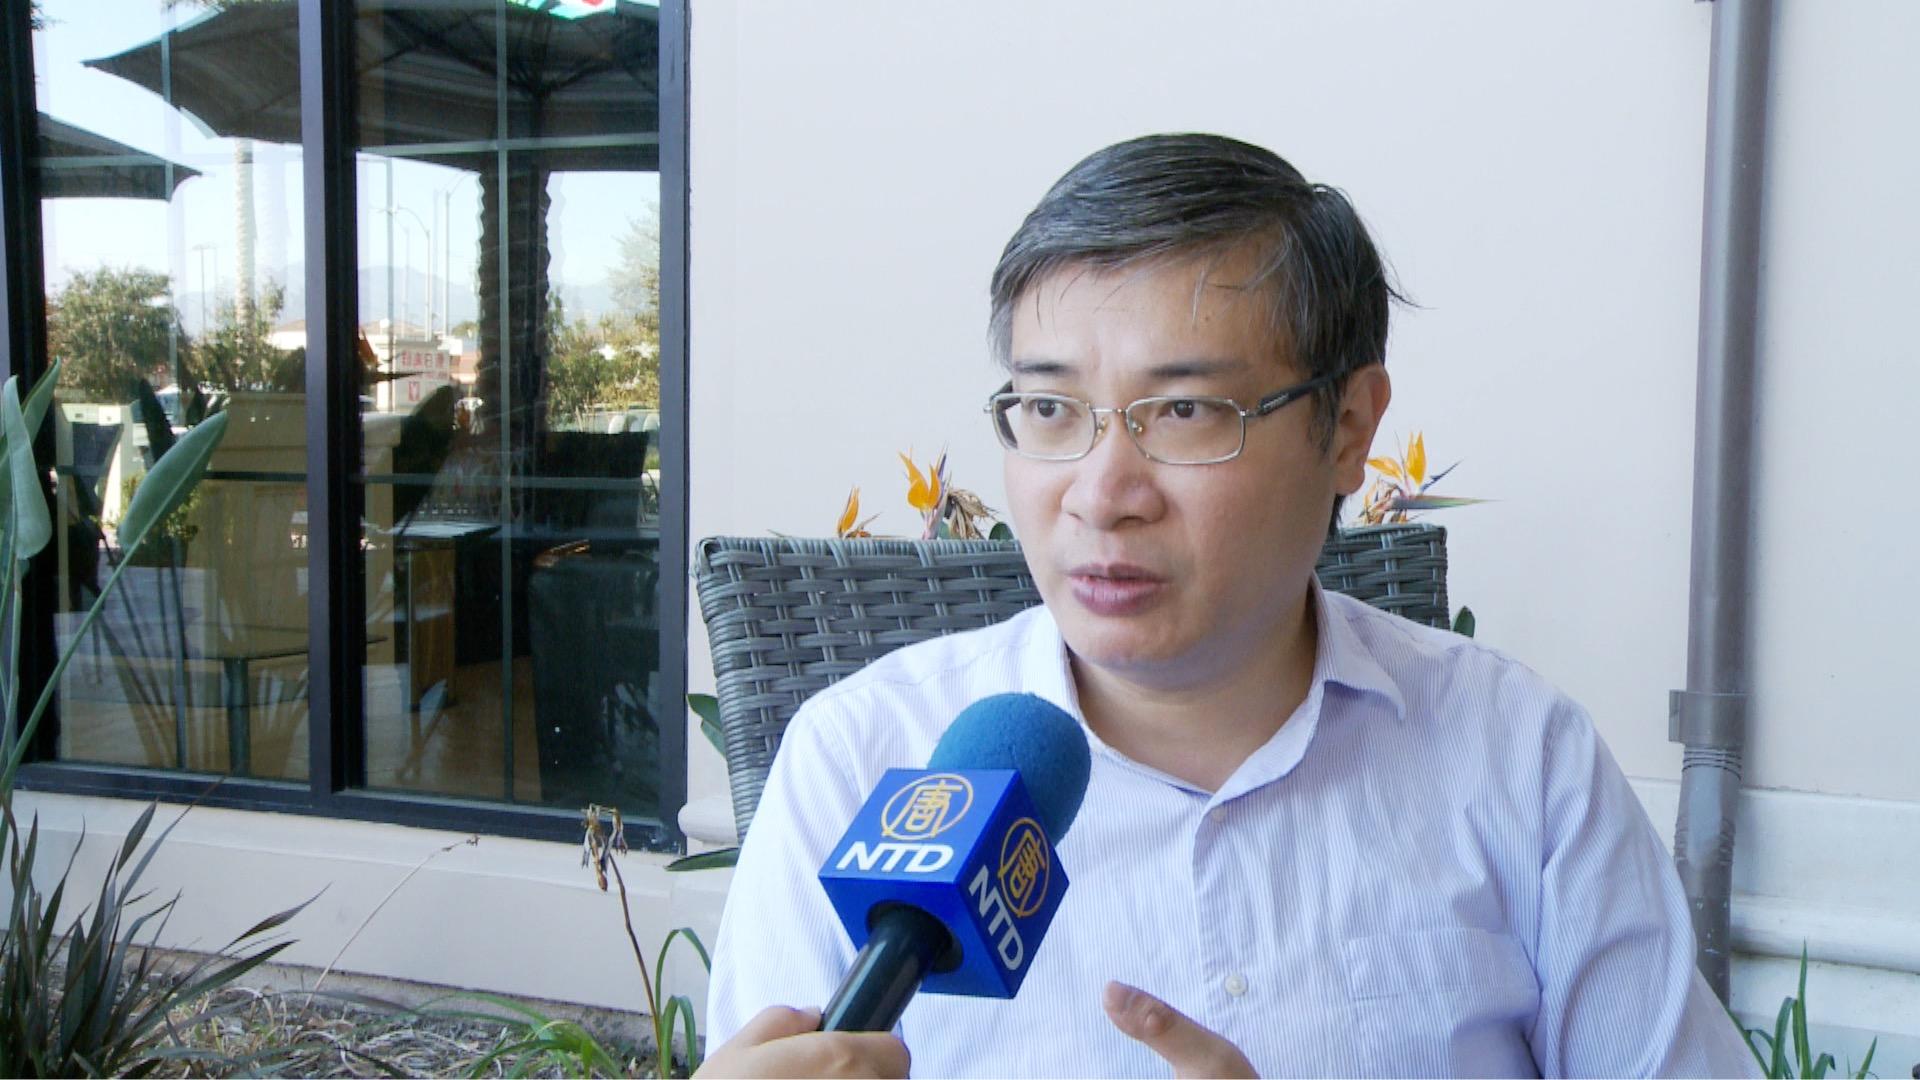 台灣香港協會理事長桑普接受專訪,暢談港人移居台灣的現況。資料照。(新唐人電視台)